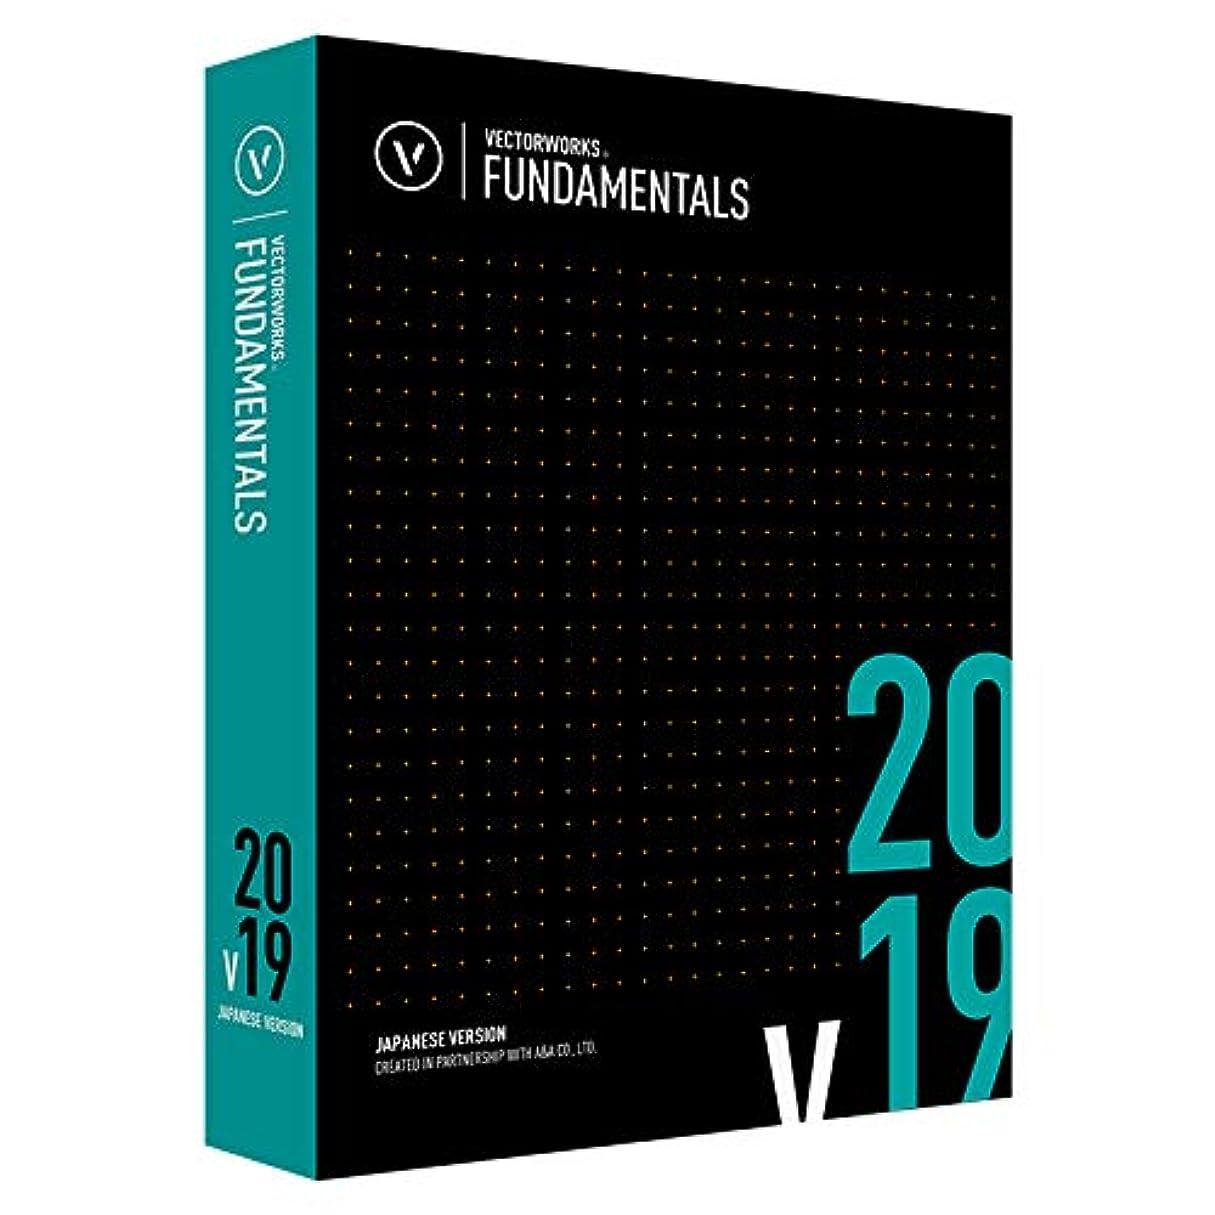 シダ能力繁栄するVectorworks Fundamentals 2019 スタンドアロン版